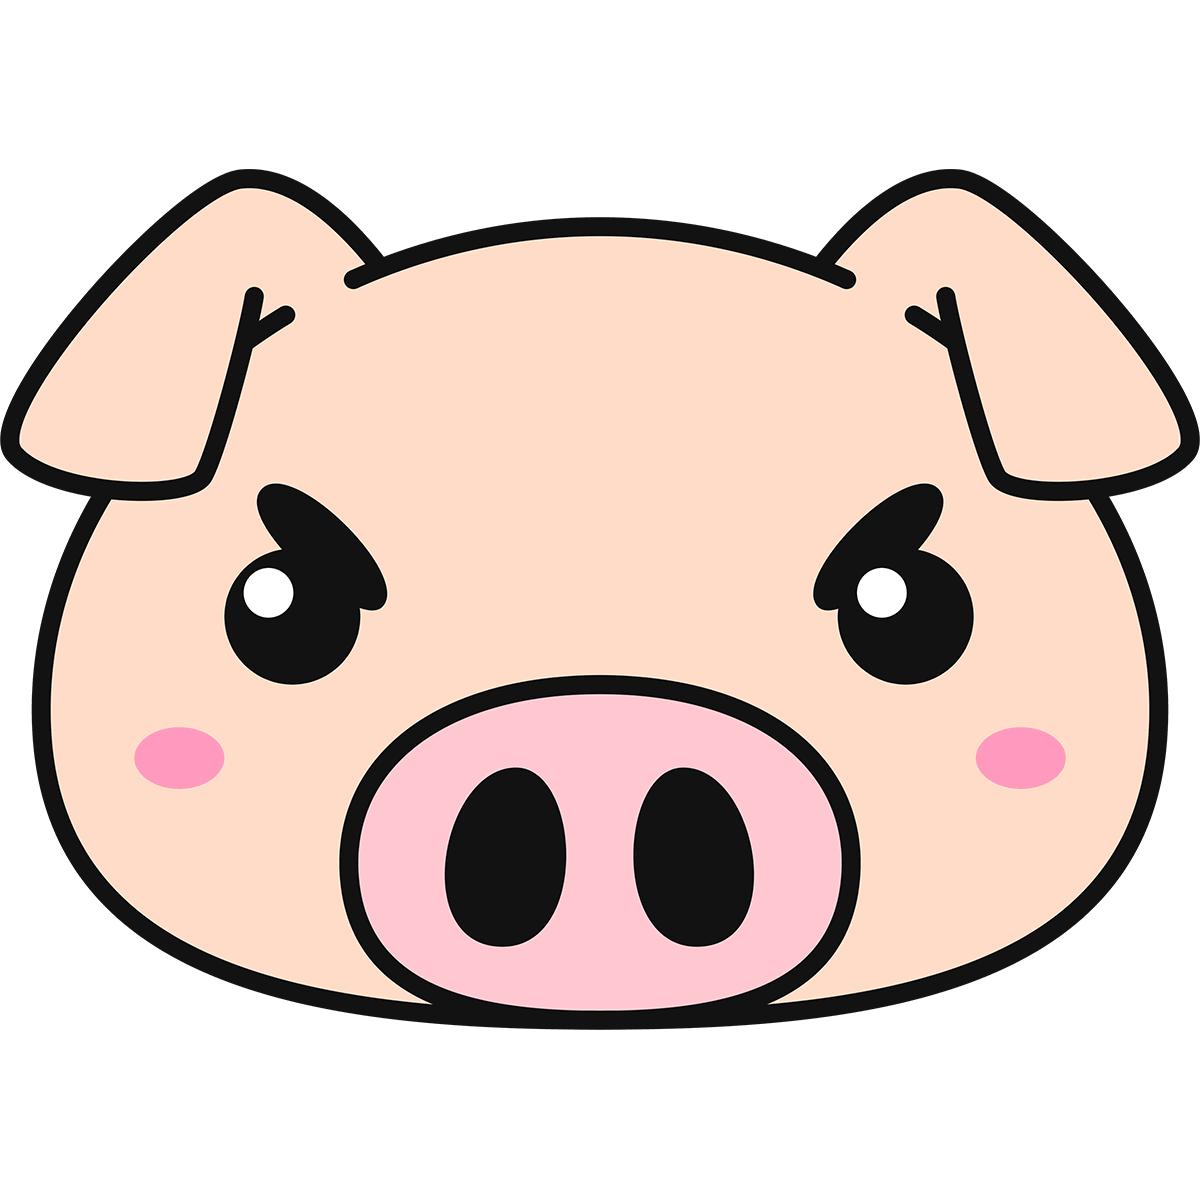 豚の顔の無料イラスト